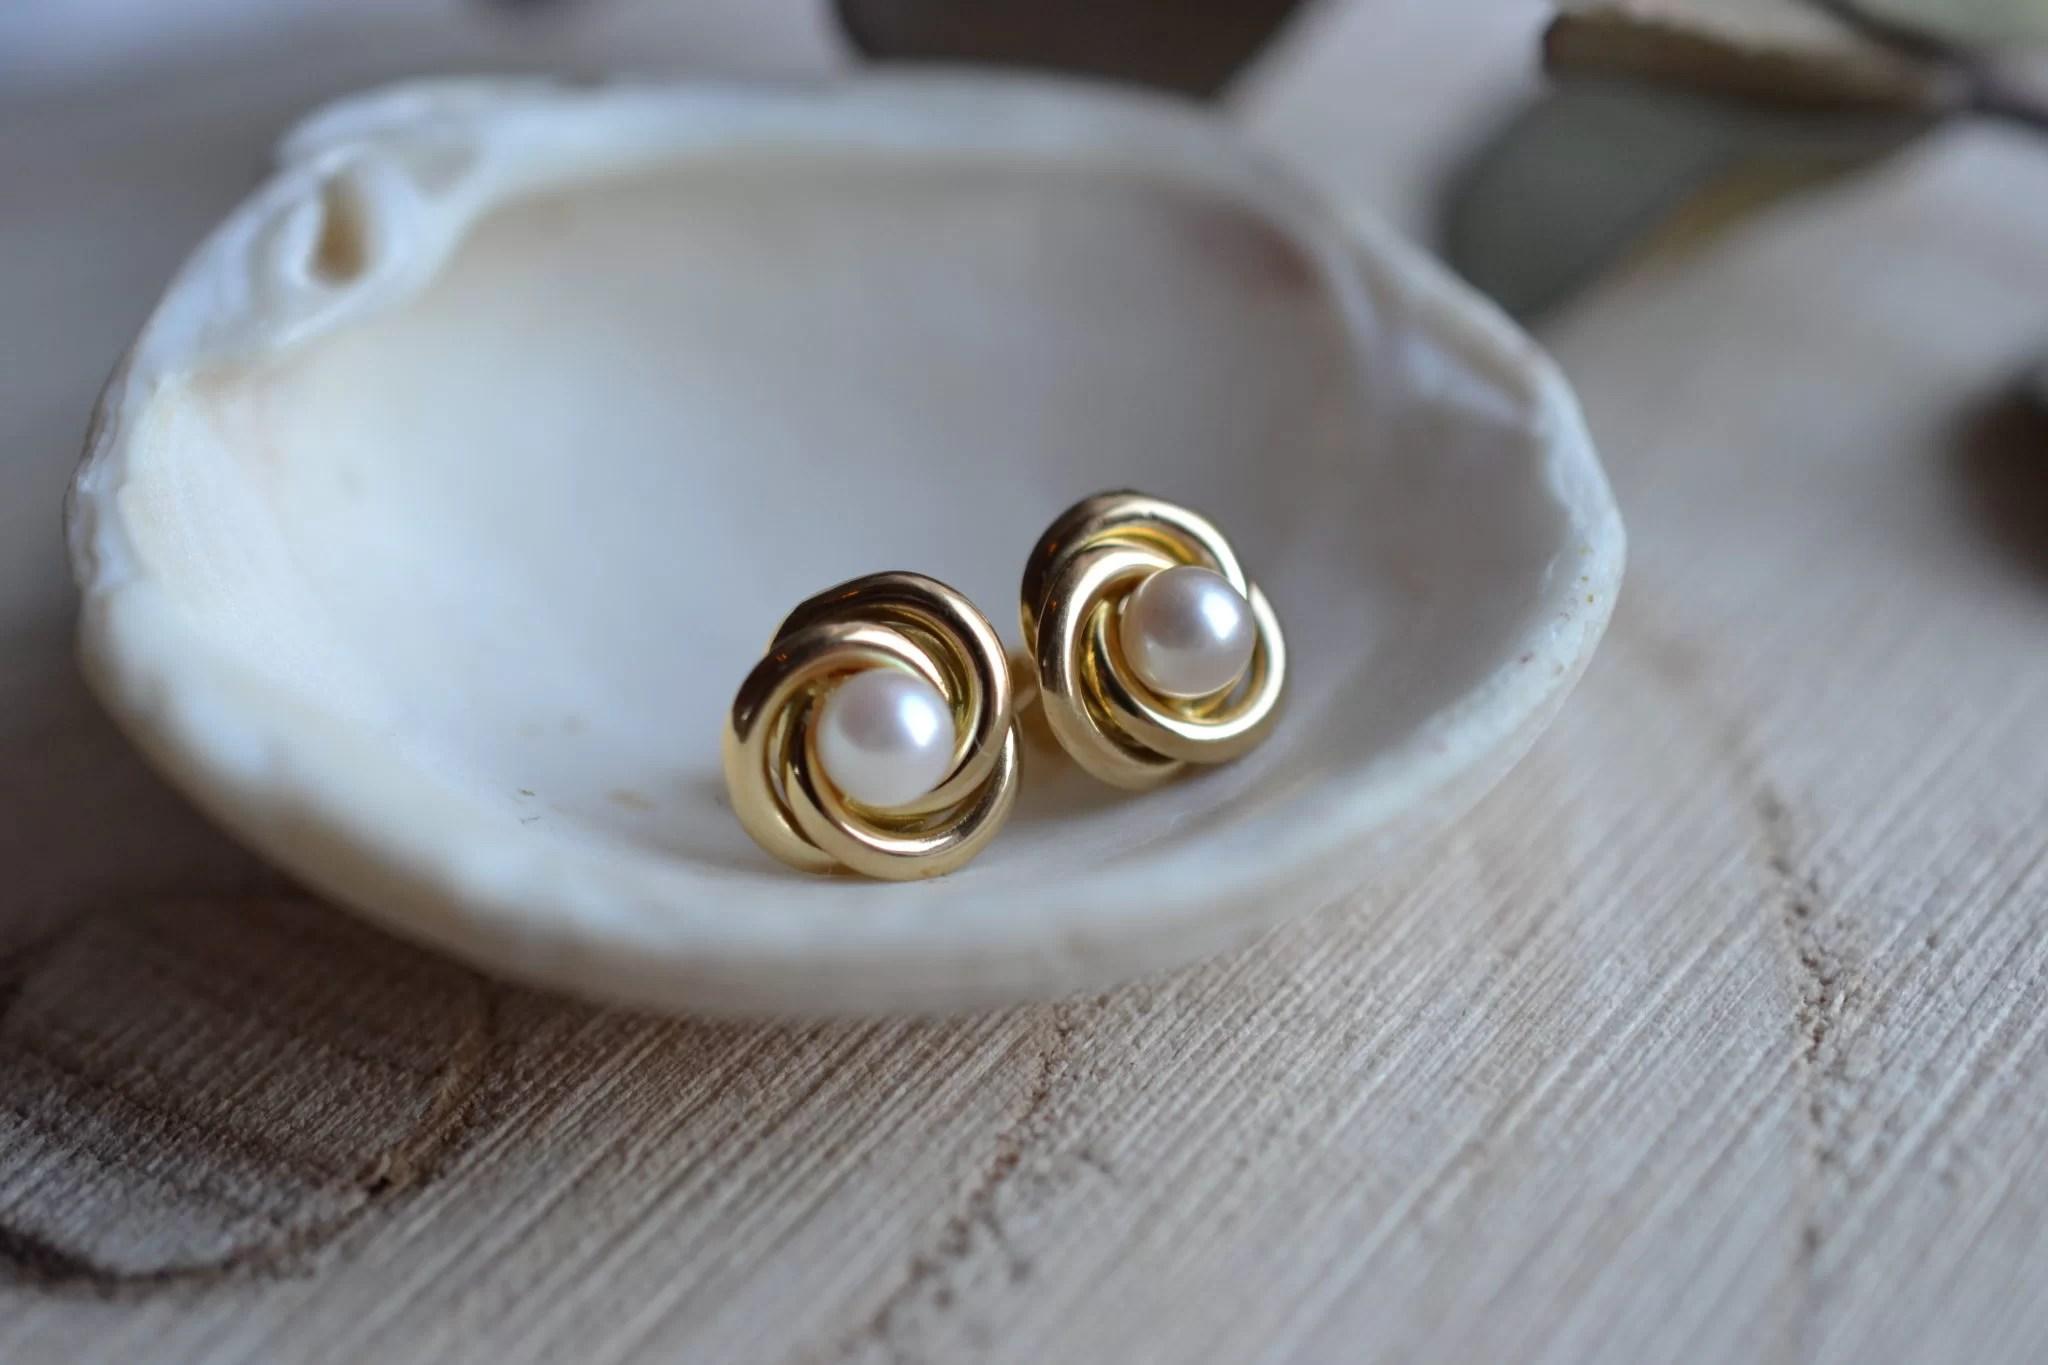 Paire De Puces D_oreilles En Or Jaune, Chacune Ornée D_une Perles De Culture Dans Une Monture Torsadée - Boucles D_oreilles éthiques Et éco-responsables